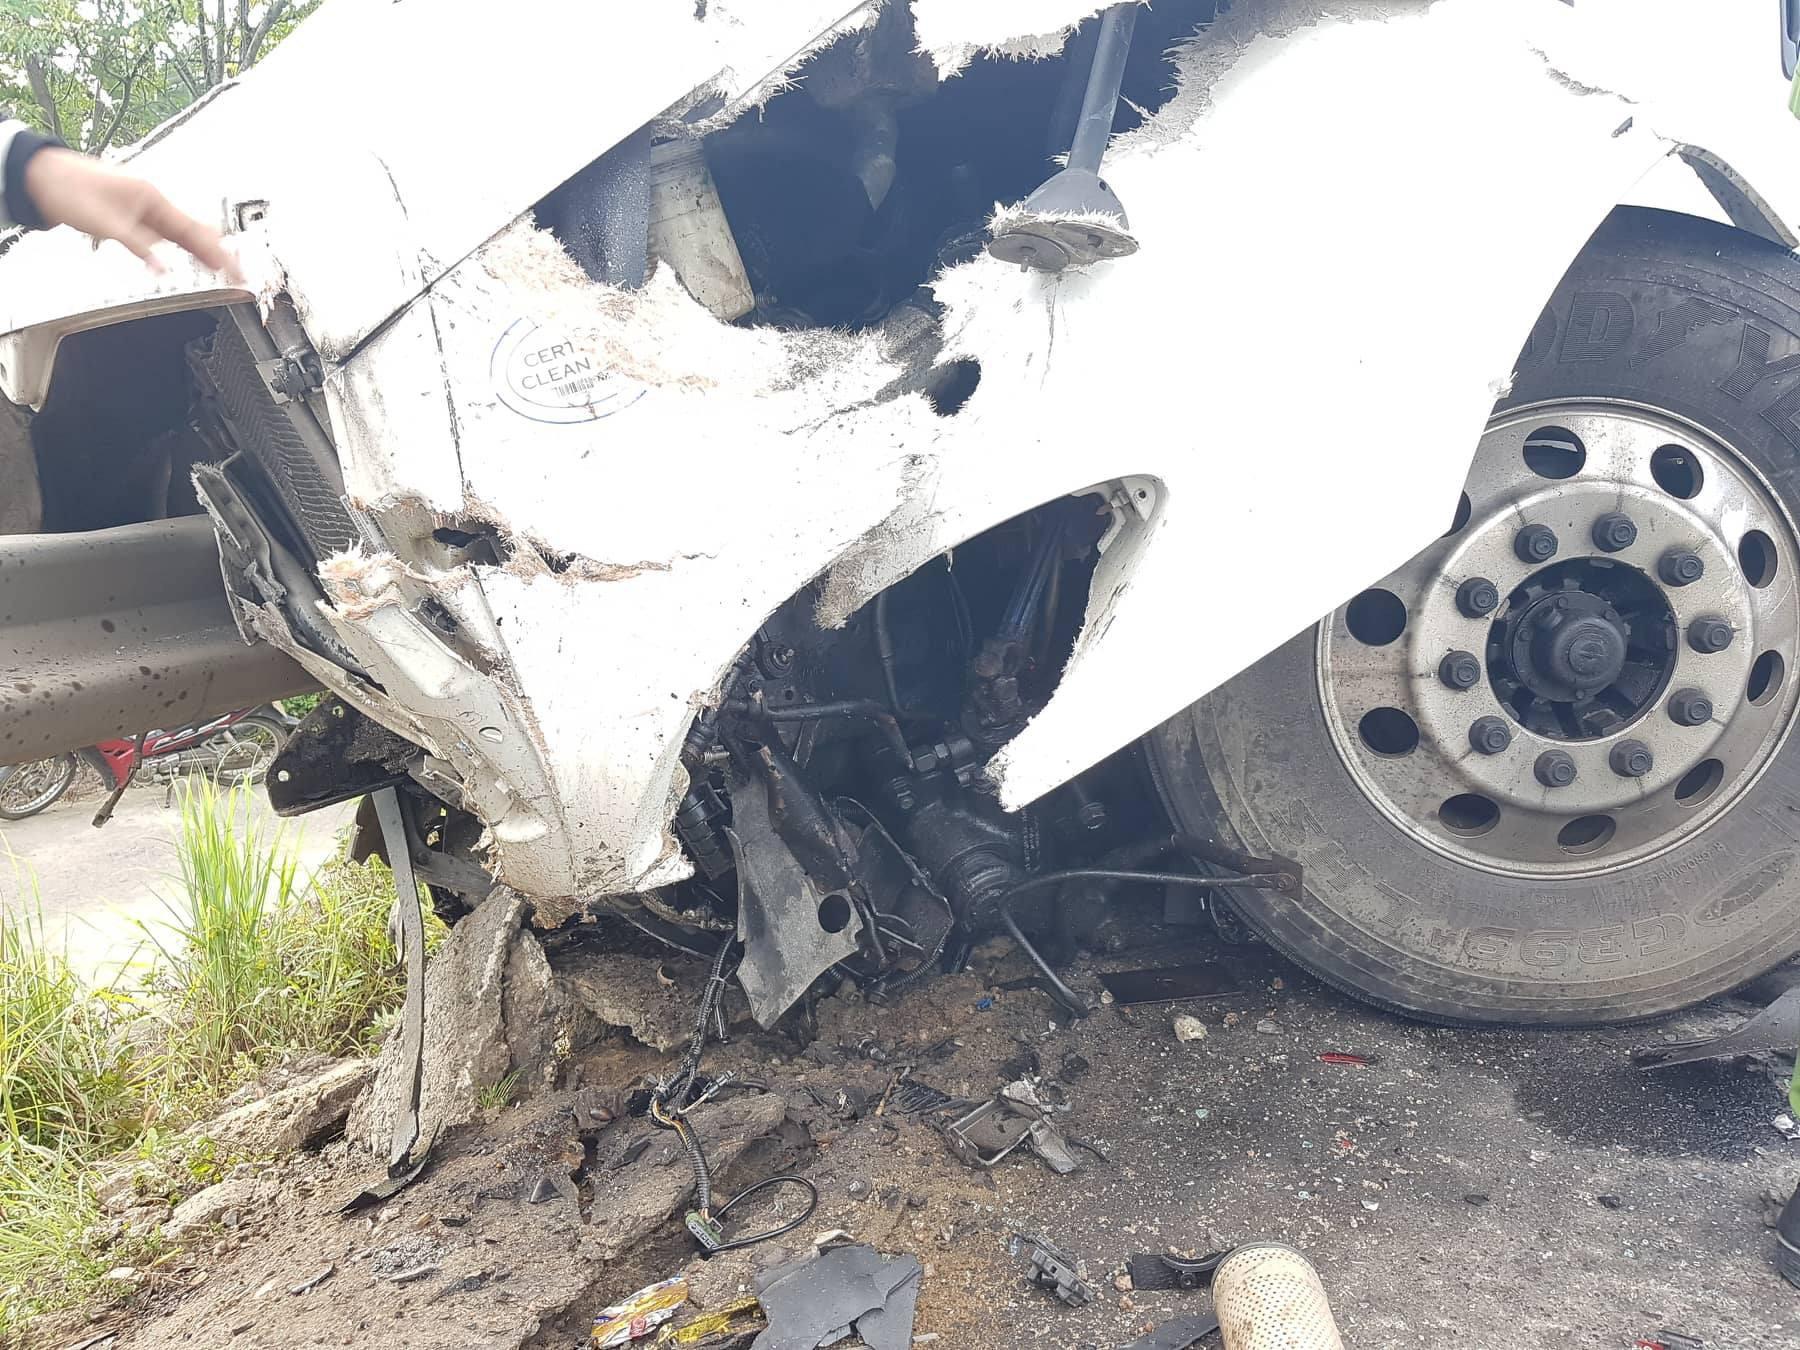 Ảnh: Hiện trường vụ xe rước dâu gặp tai nạn thảm khốc khiến chú rể và 12 người tử vong - Ảnh 6.